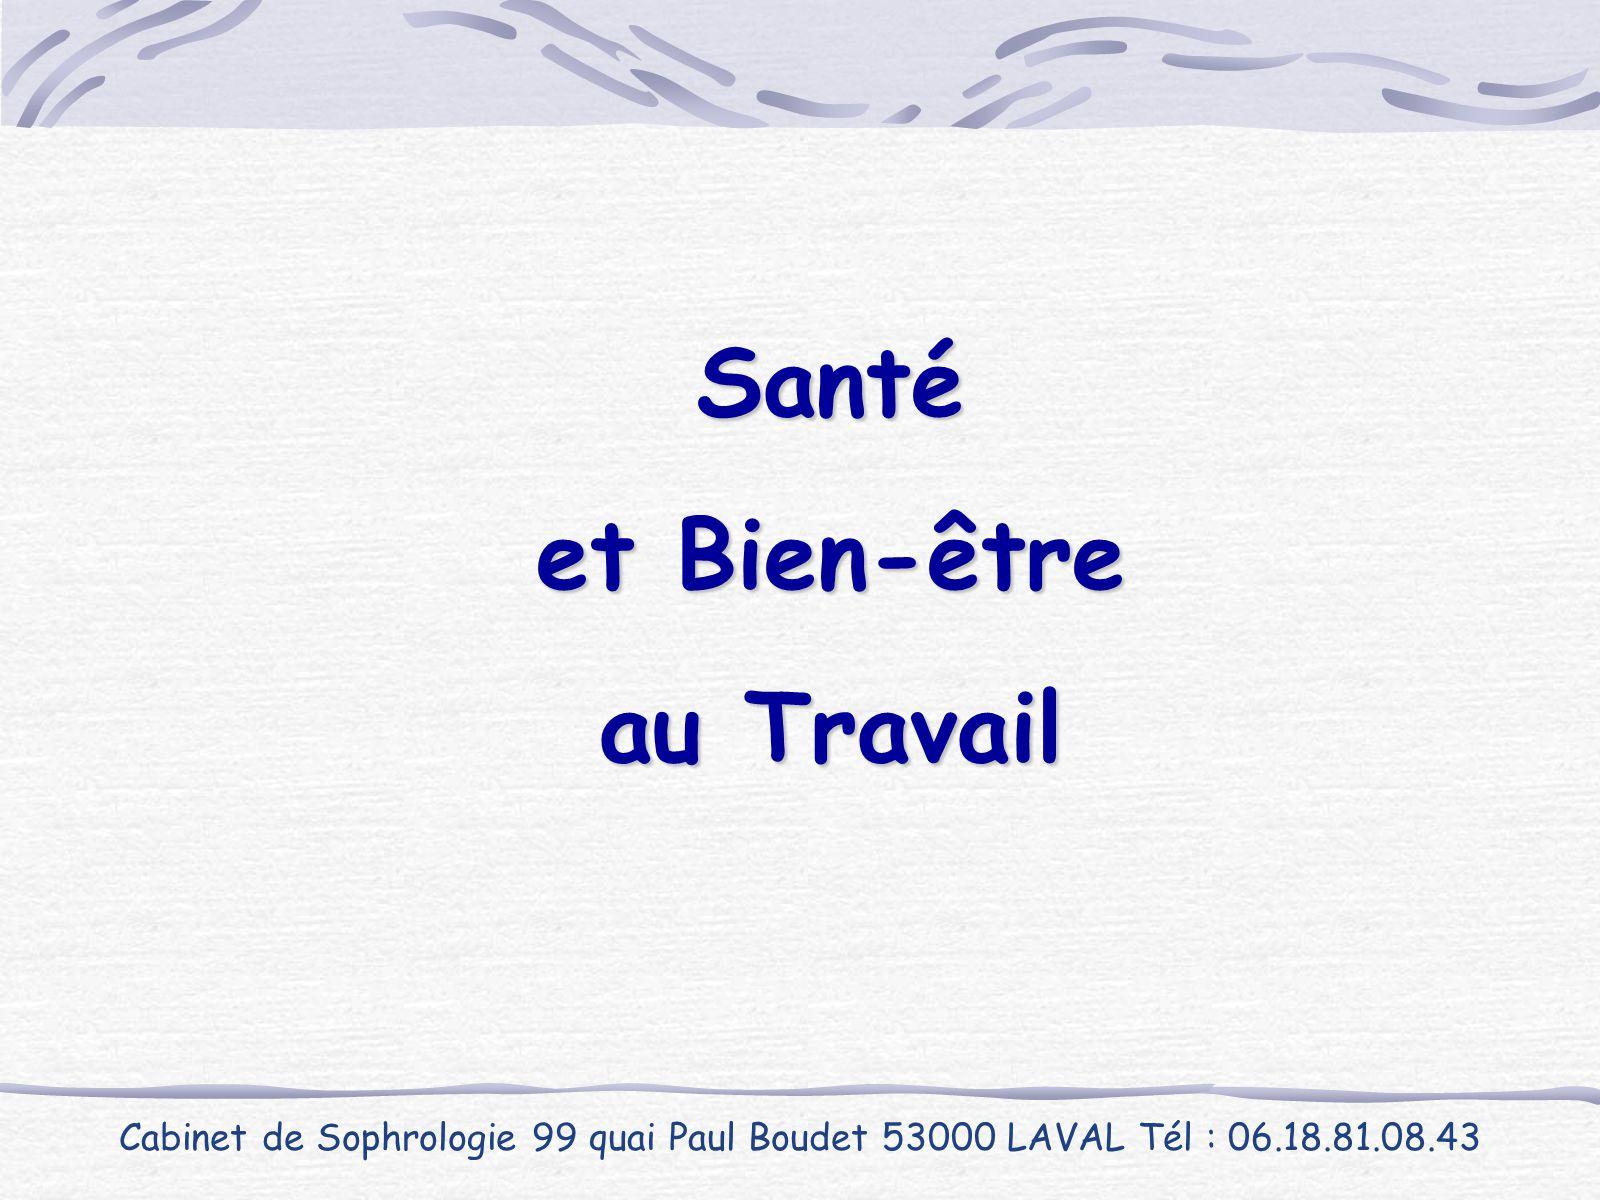 Santé et Bien-être au Travail Cabinet de Sophrologie 99 quai Paul Boudet 53000 LAVAL Tél : 06.18.81.08.43